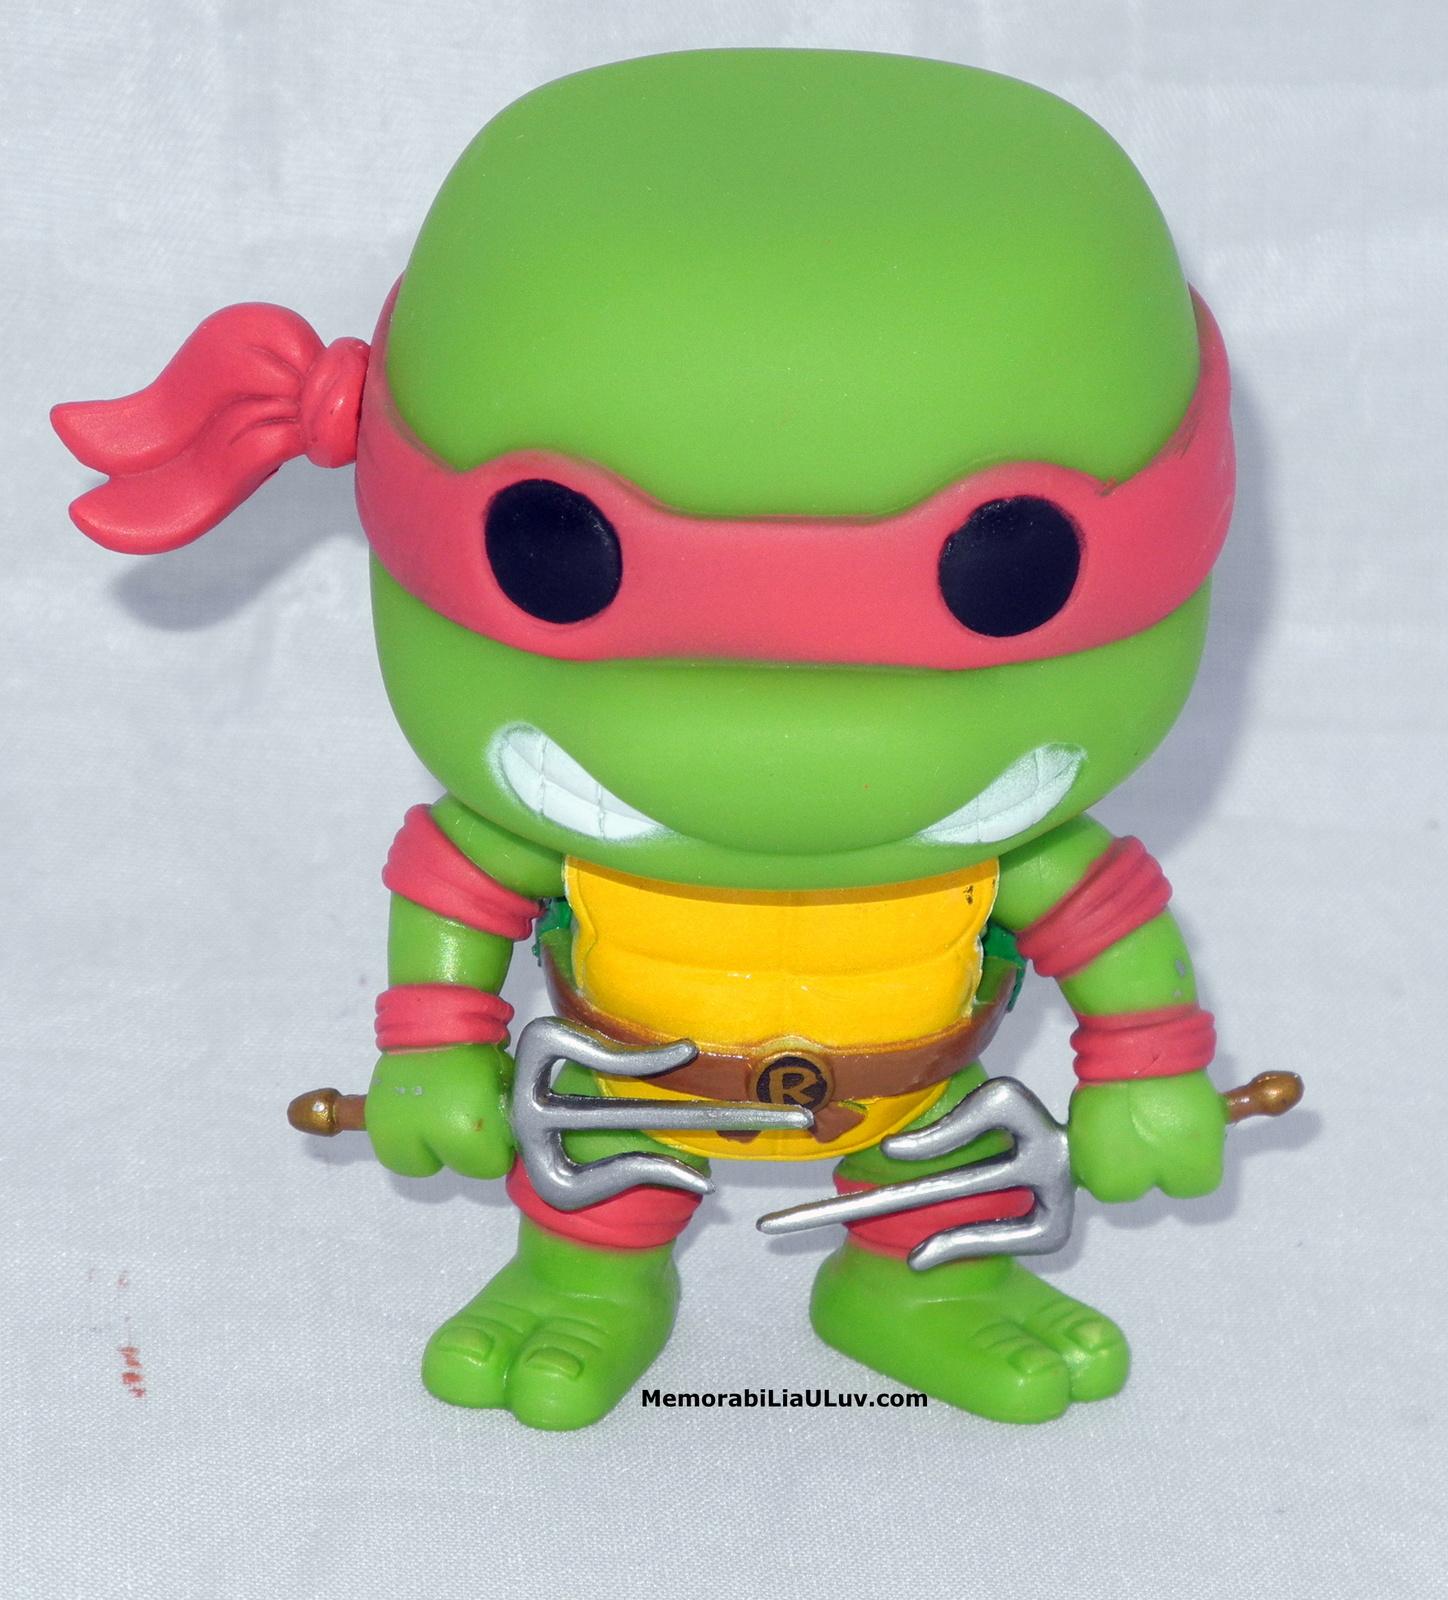 Teenage Mutant Ninja Turtles Raphael Pop Vinyl Figure image 2